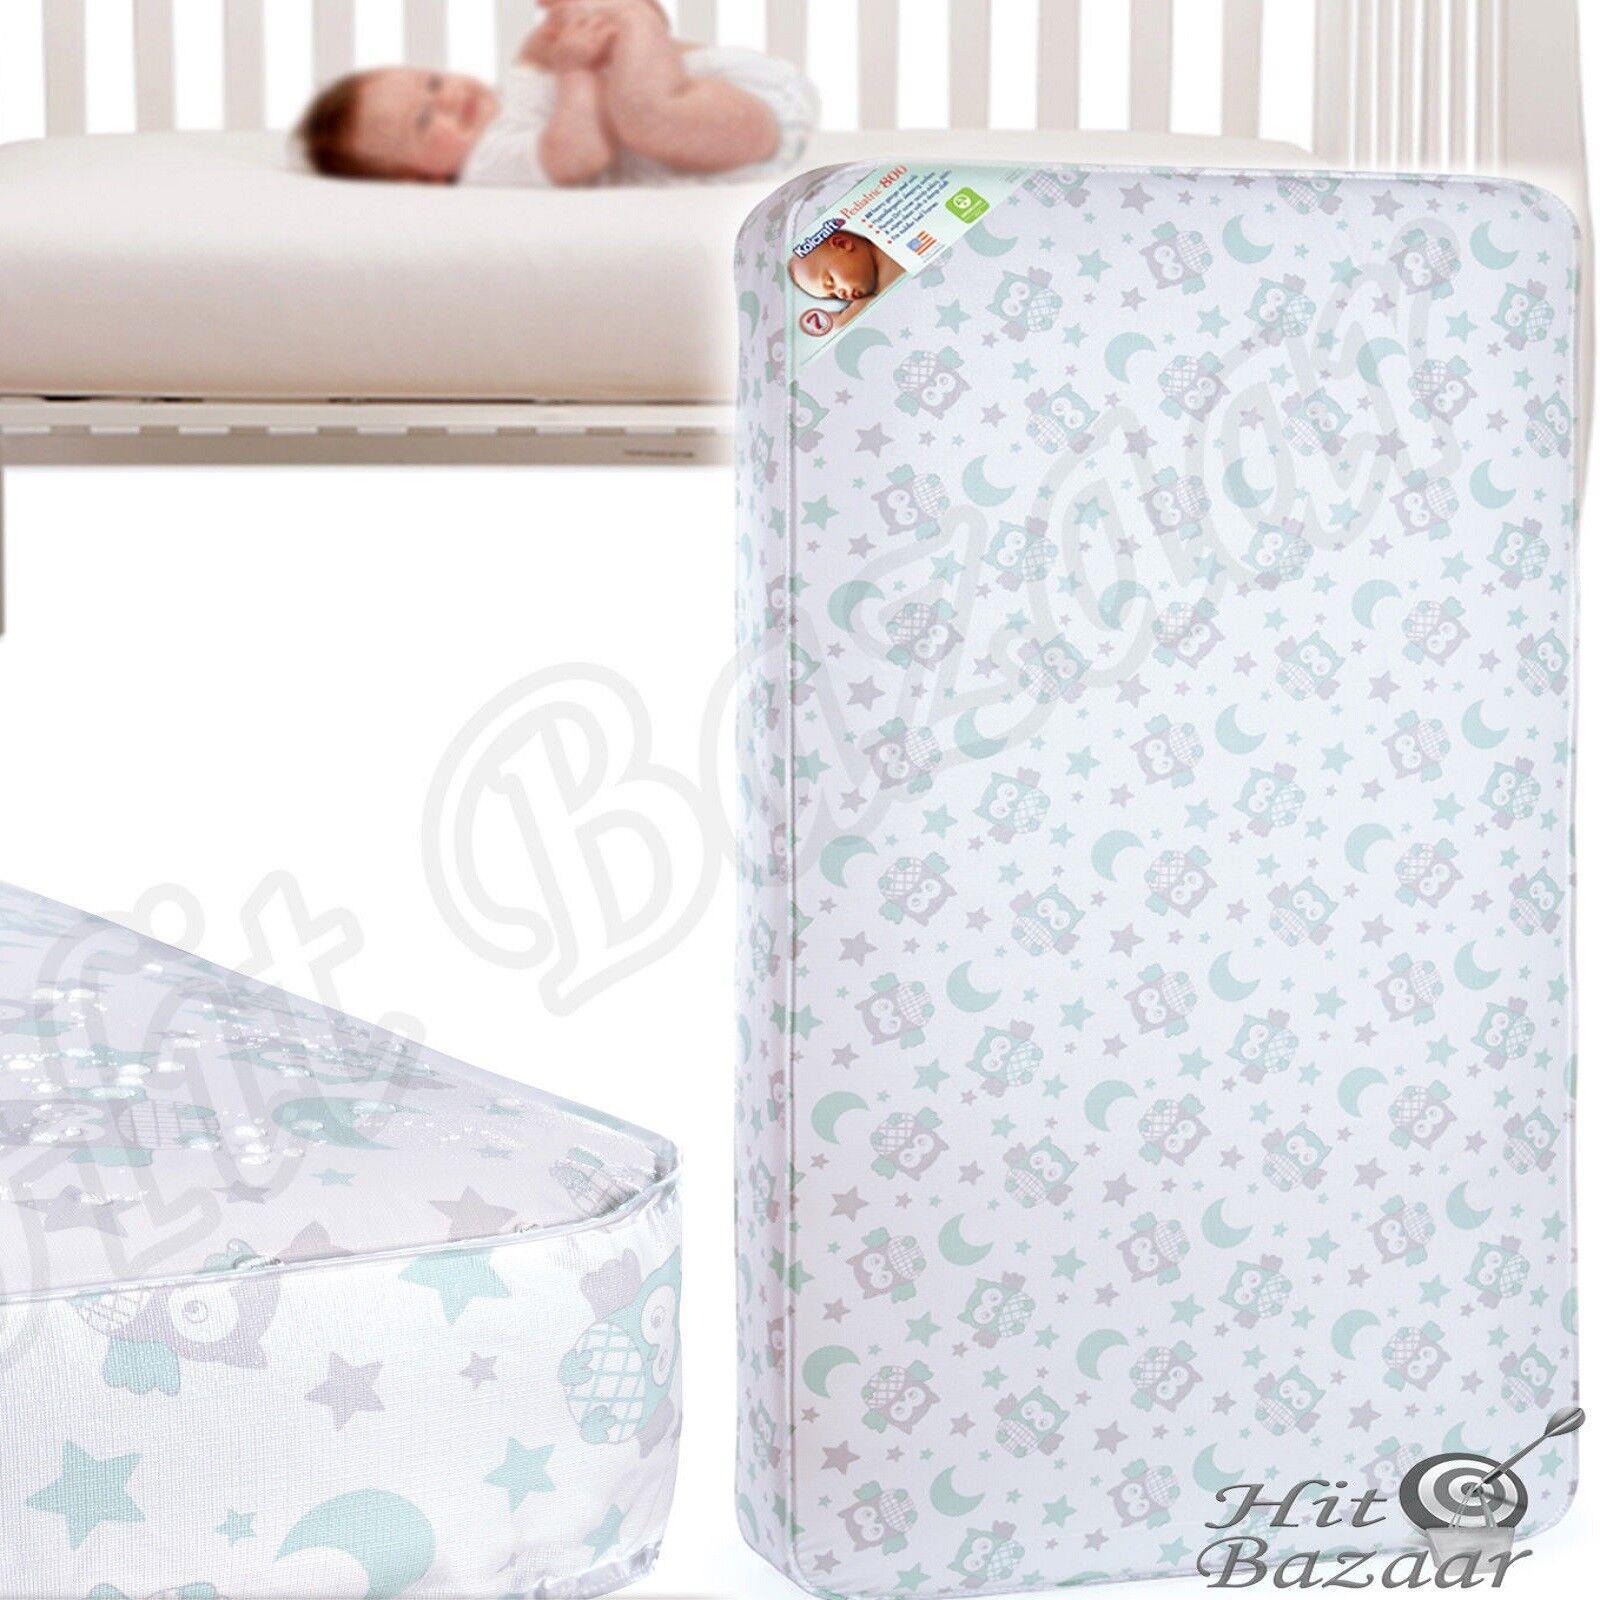 BABY CRIB MATTRESS Toddler Innerspring Pediatric Comfort Sle